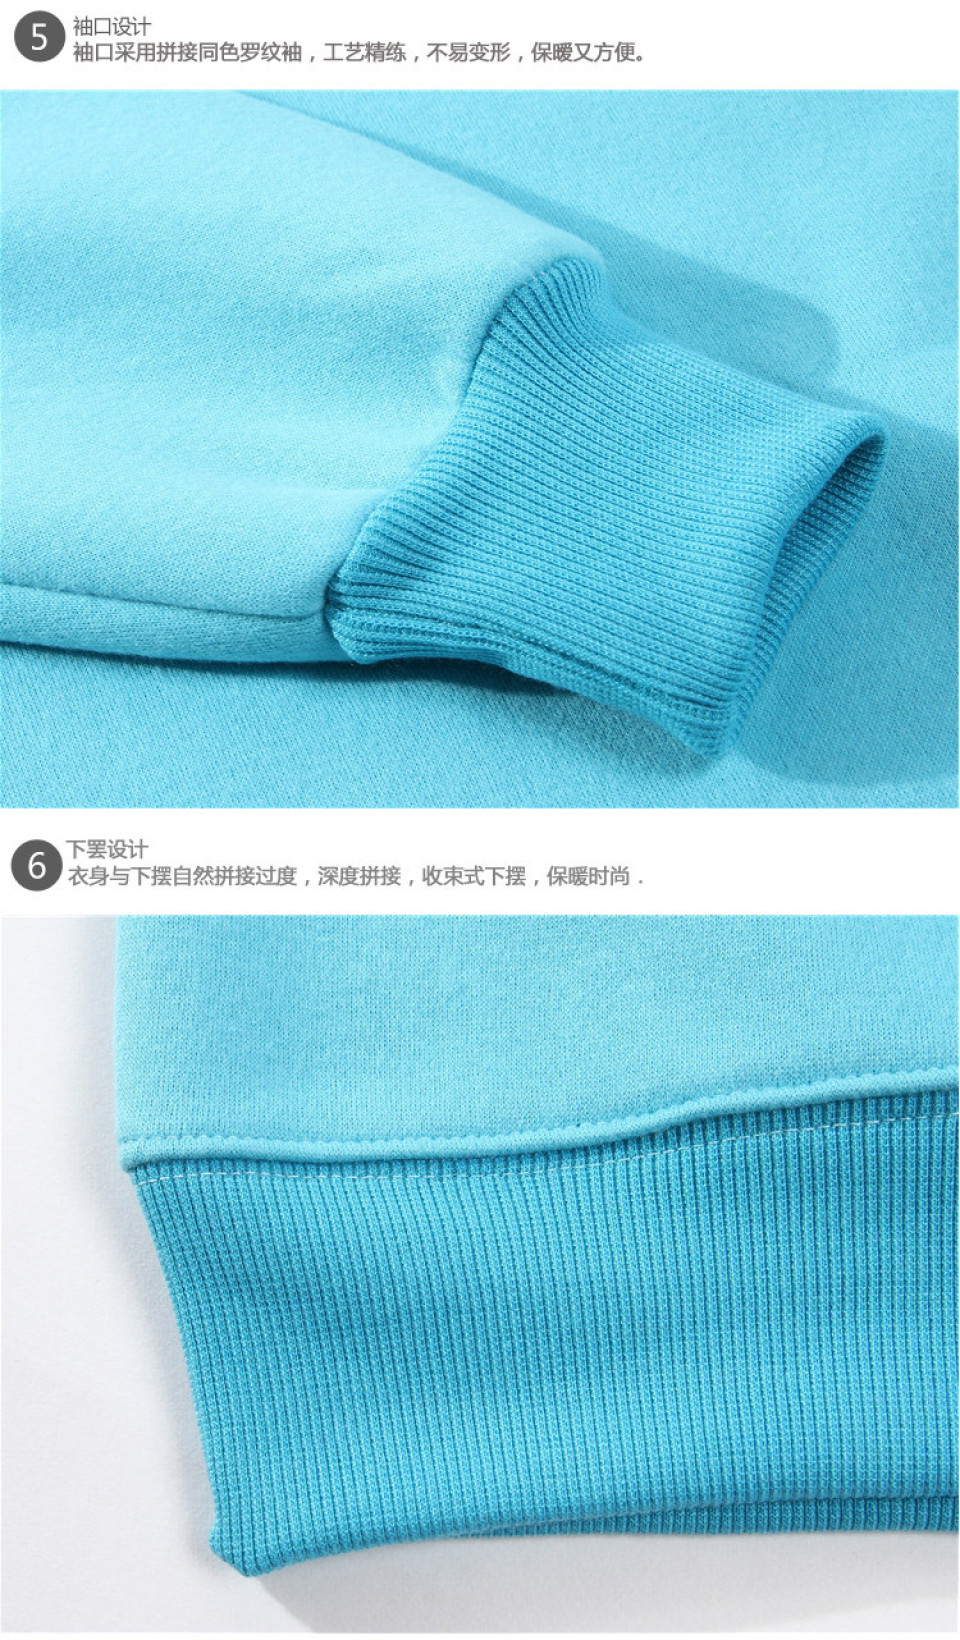 【秋冬】330g抓绒圆领长袖卫衣成人 款式编号:HYCF032成